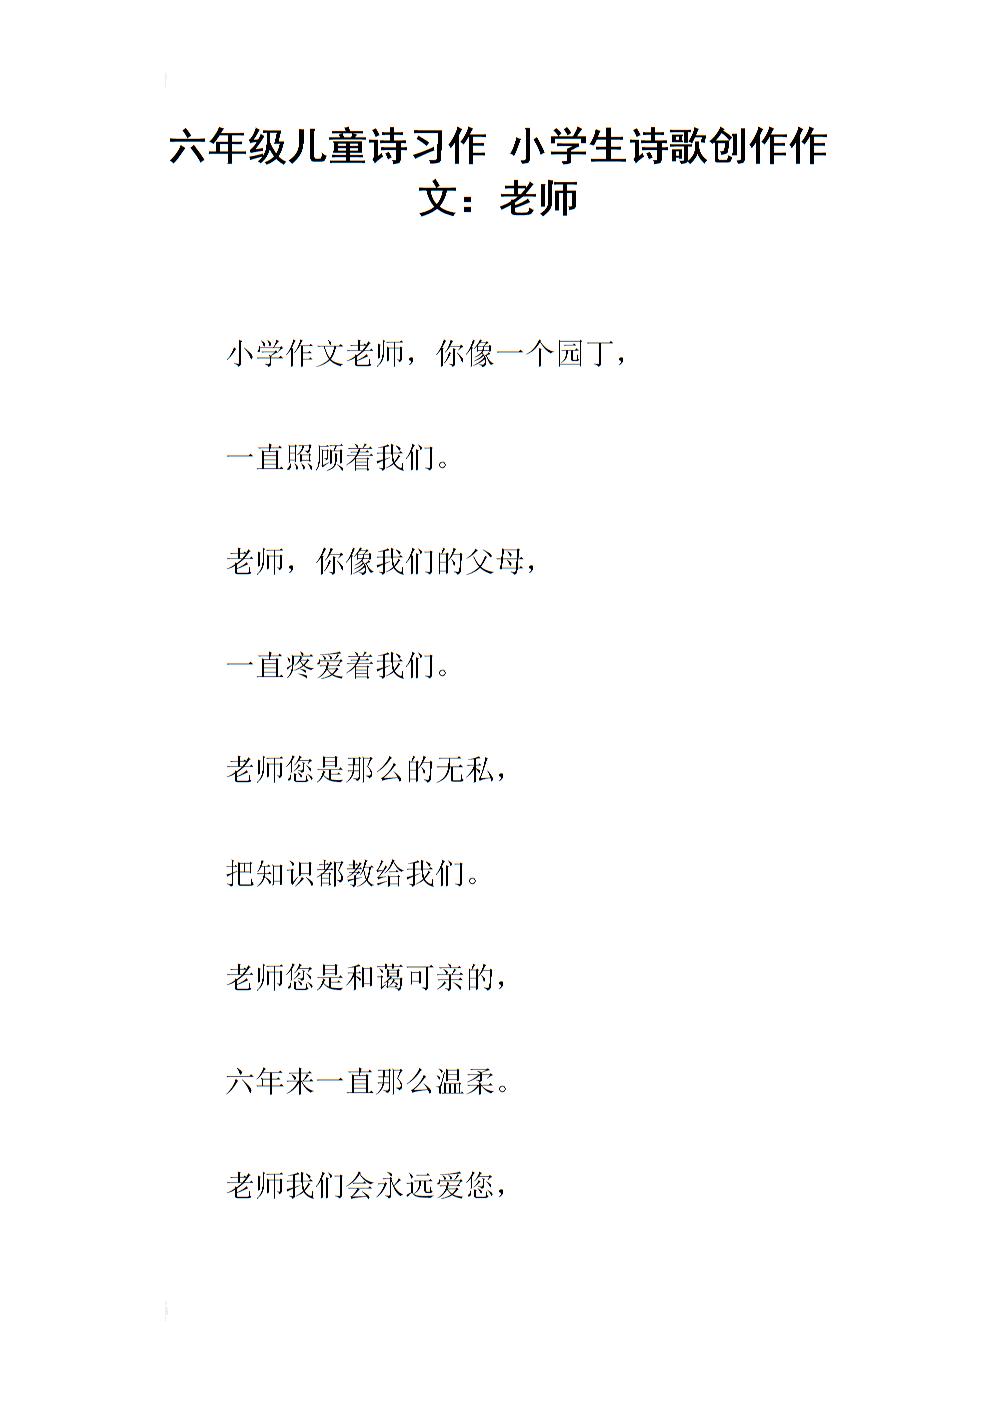 六年级儿童诗习作 小学生诗歌创作作文:老师.docx